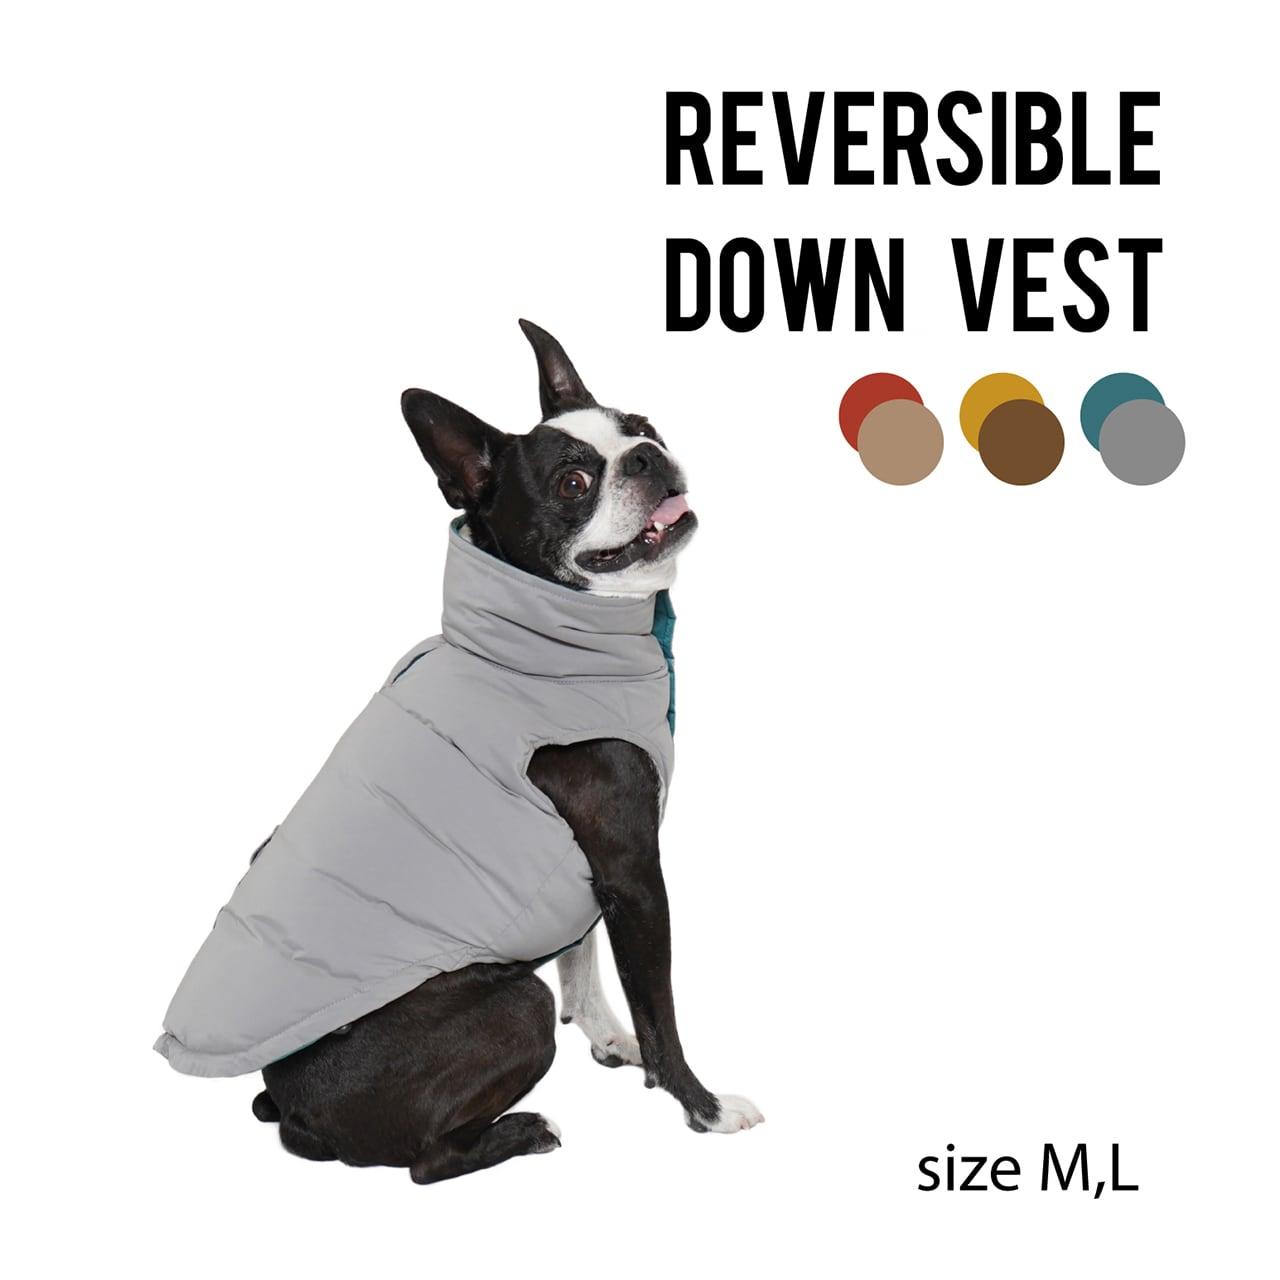 REVERSIBLE DOWN VEST(M・L) リバーシブルダウンベスト